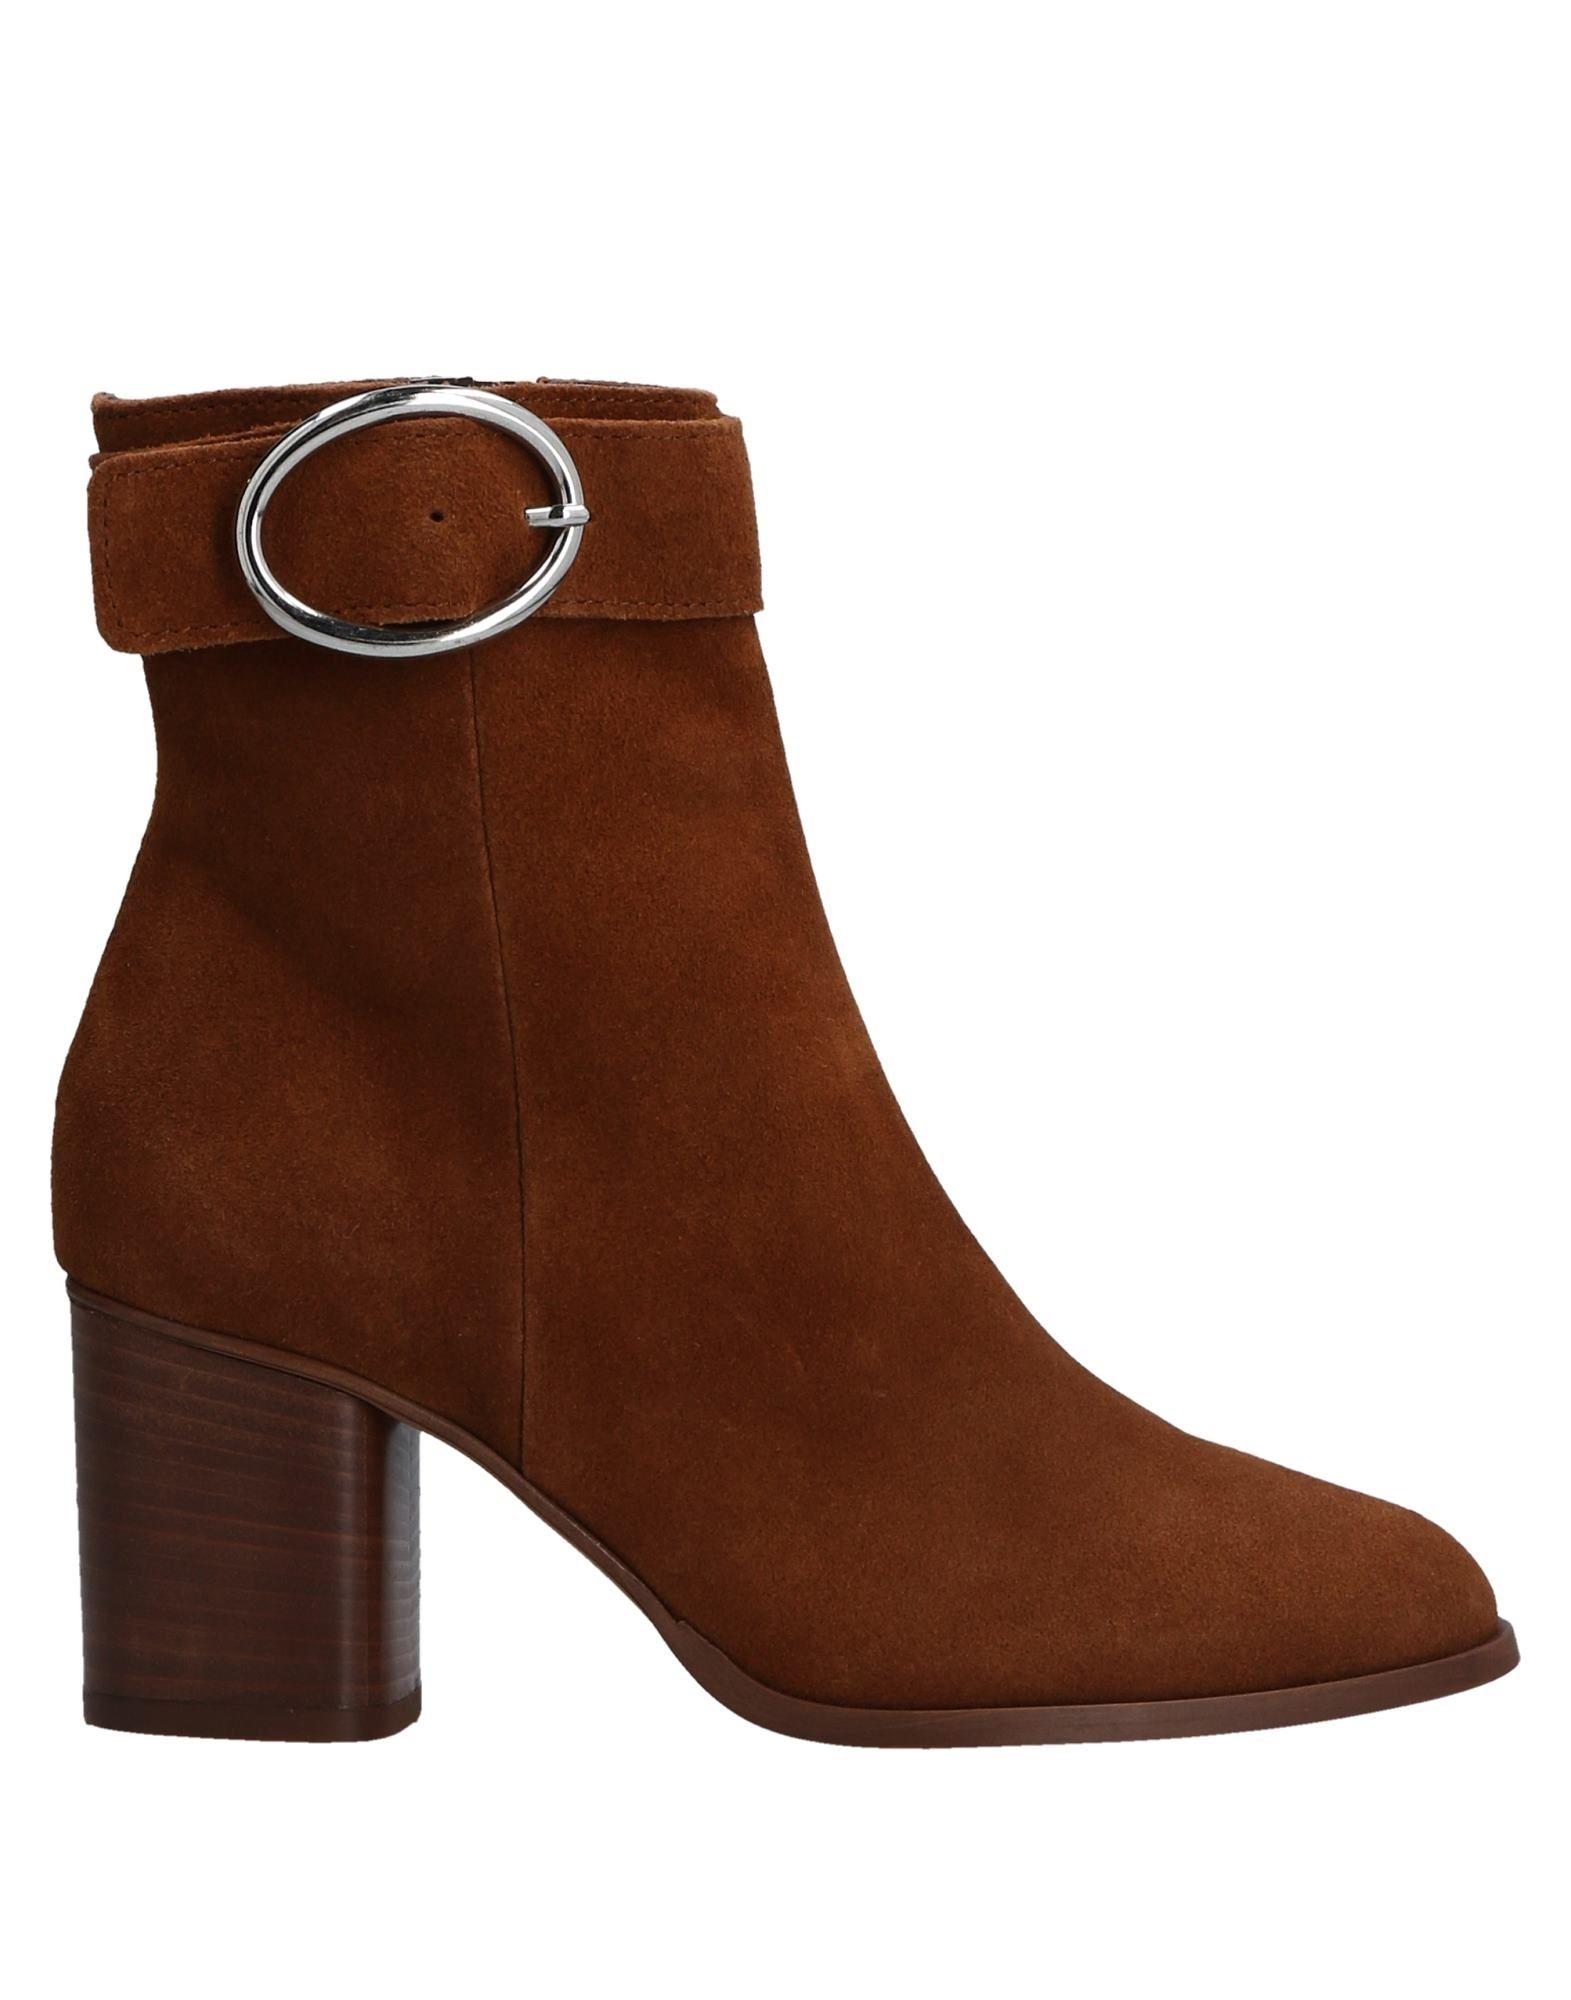 Gusto Stiefelette Damen  11520416AB Gute Qualität beliebte Schuhe